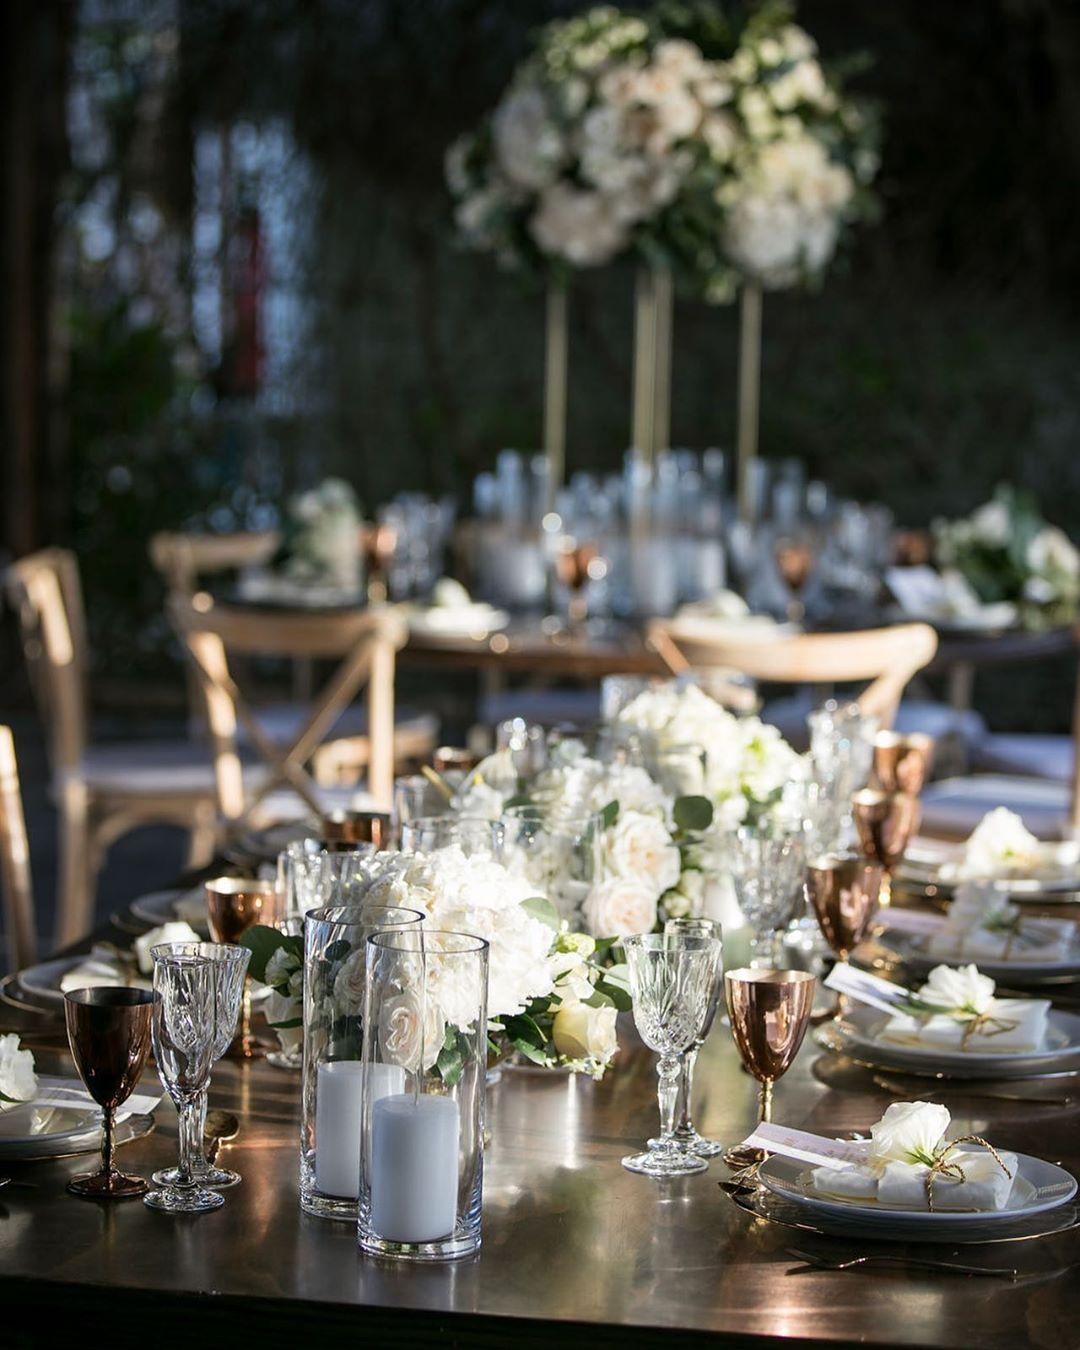 Свадьба на 30 человек. Как организовать маленькую свадьбу?